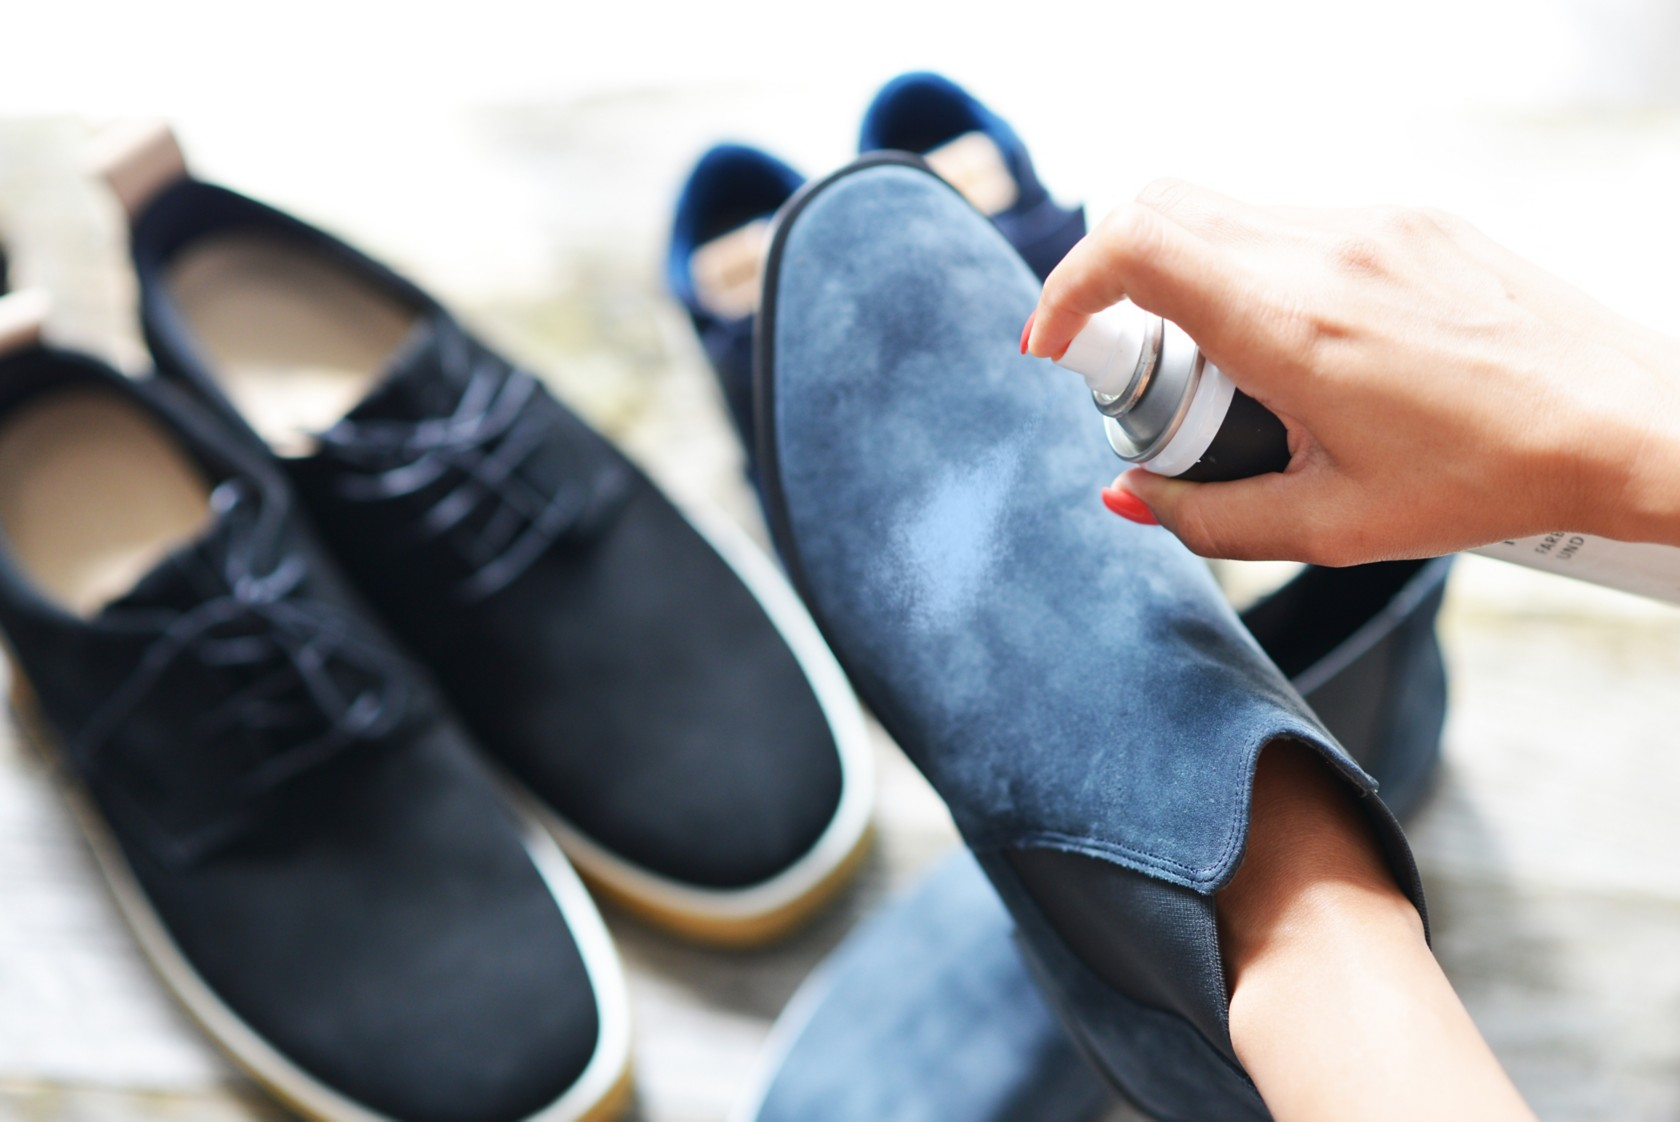 Helle Wildlederschuhe reinigen, Imprägnierspray wird auf ein ein paar blaue Schuhe gesprüht